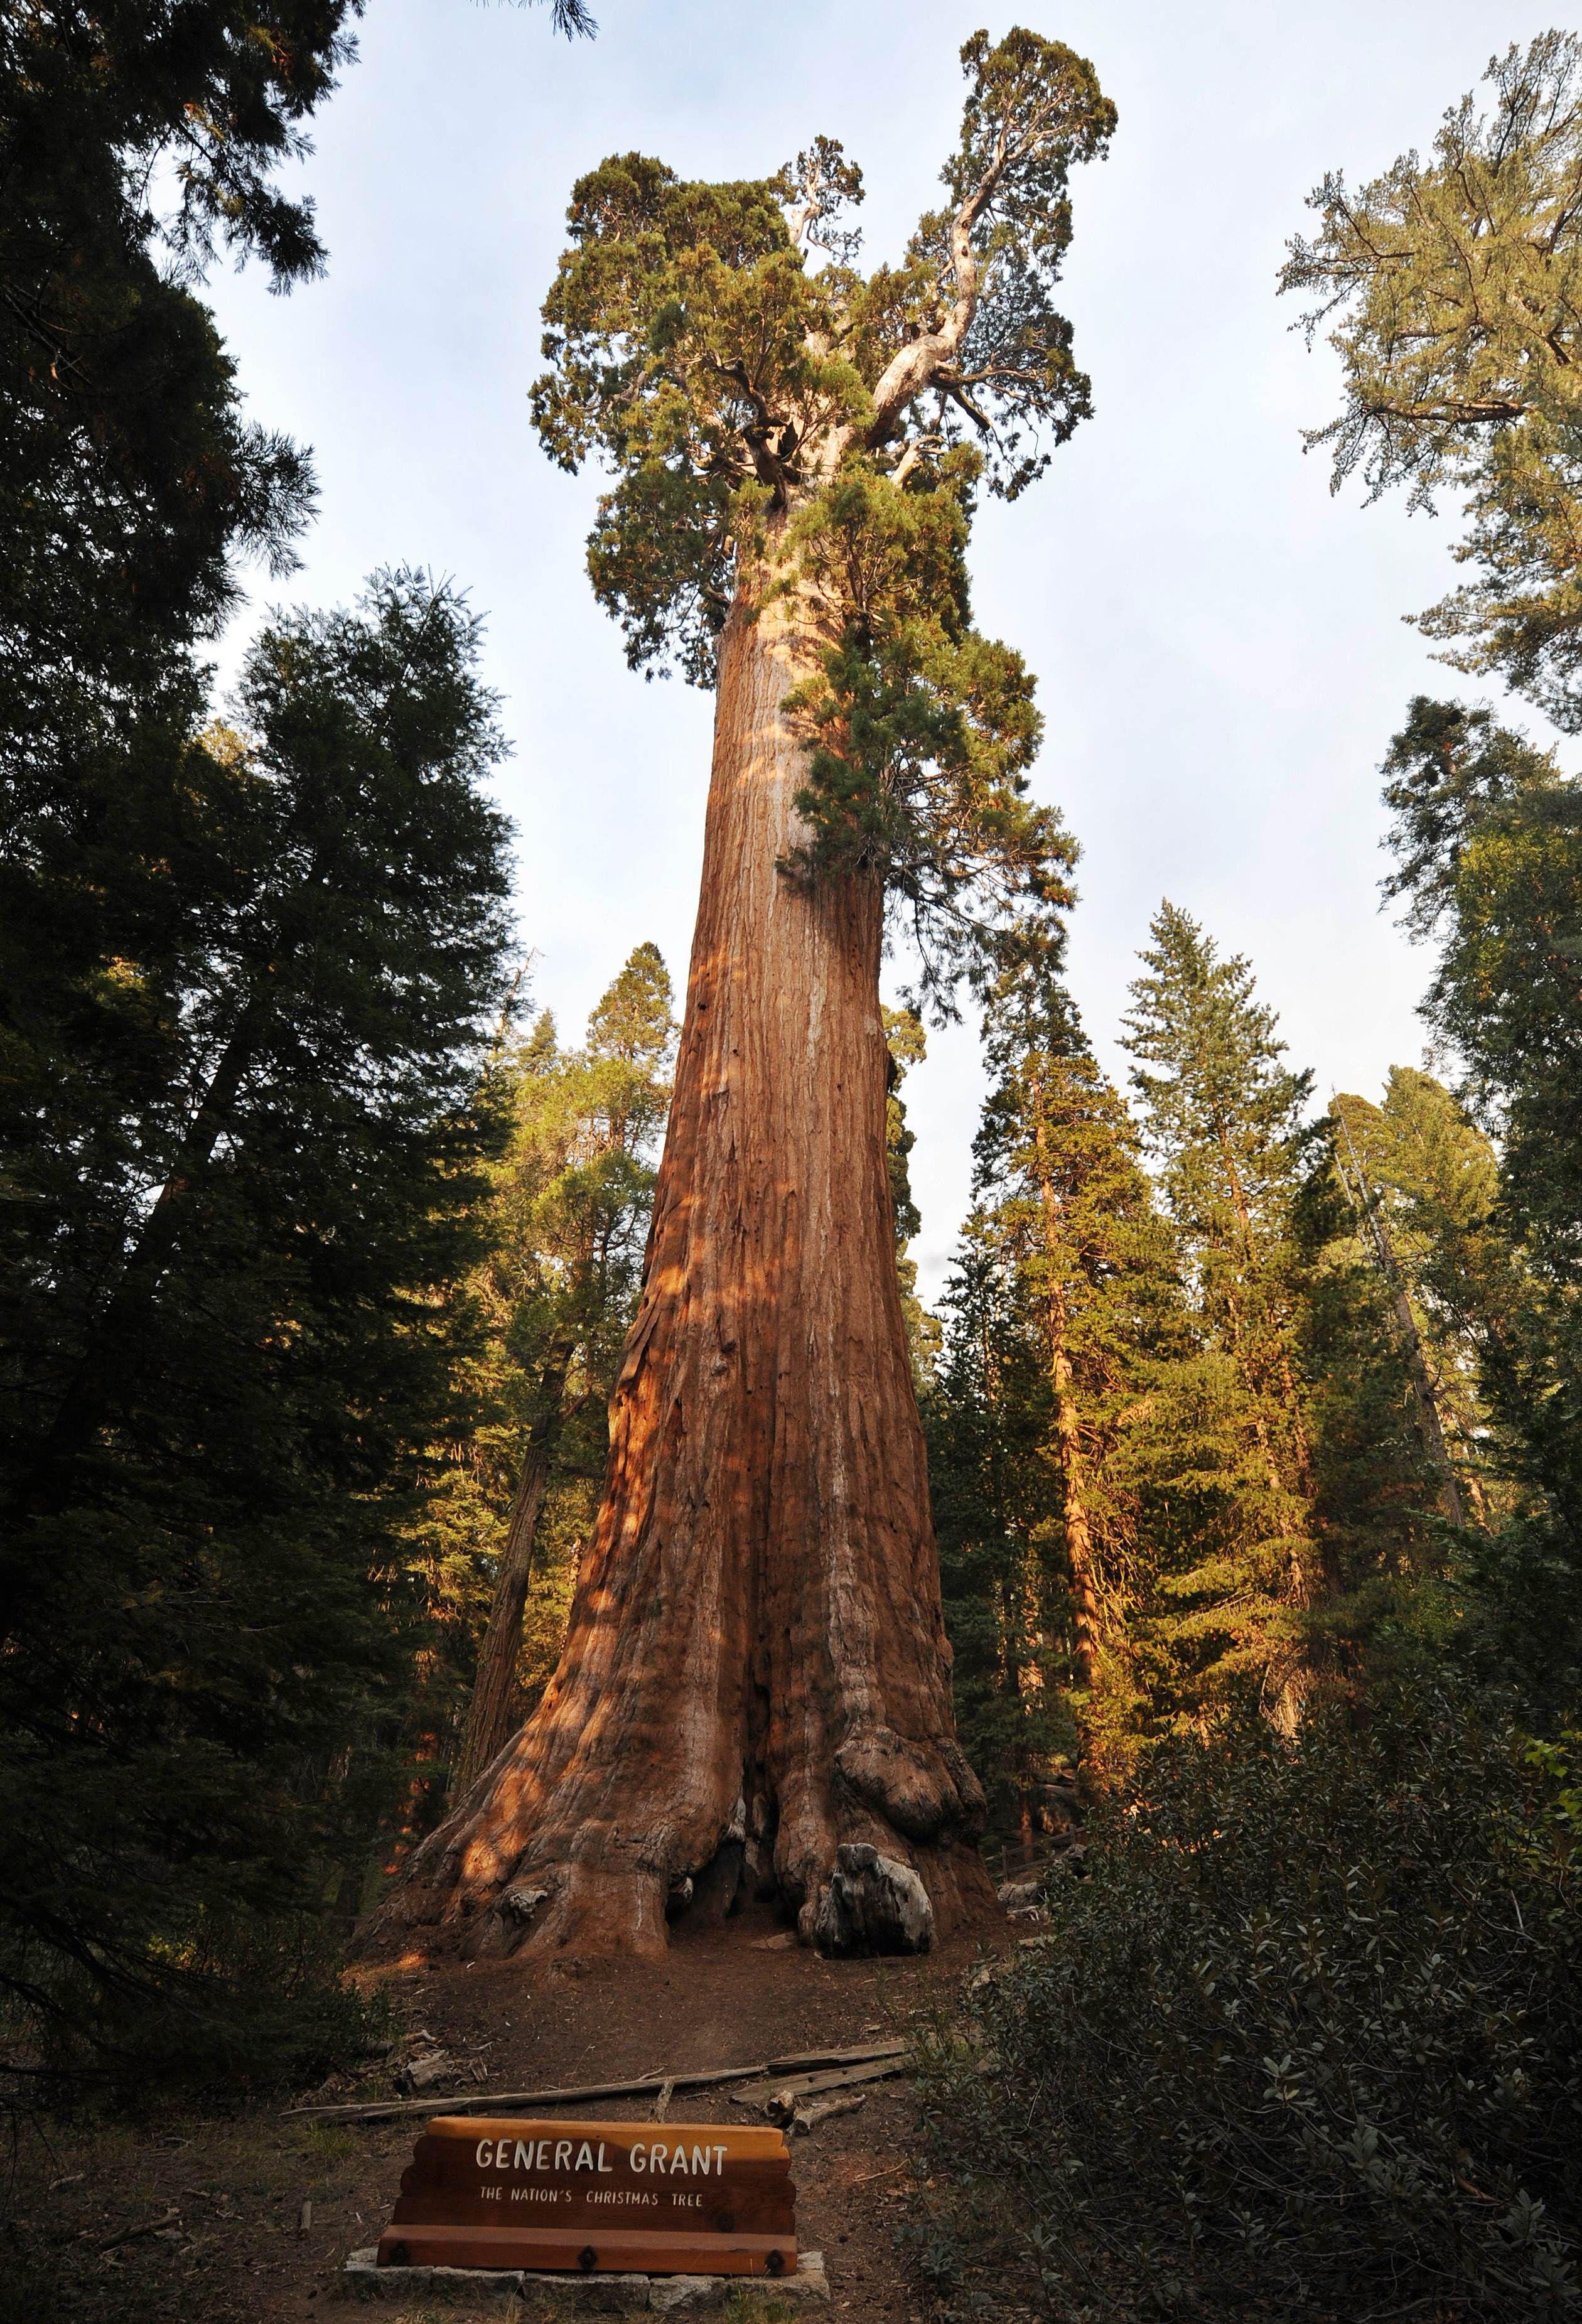 полости дерево генерал шерман картинки тары